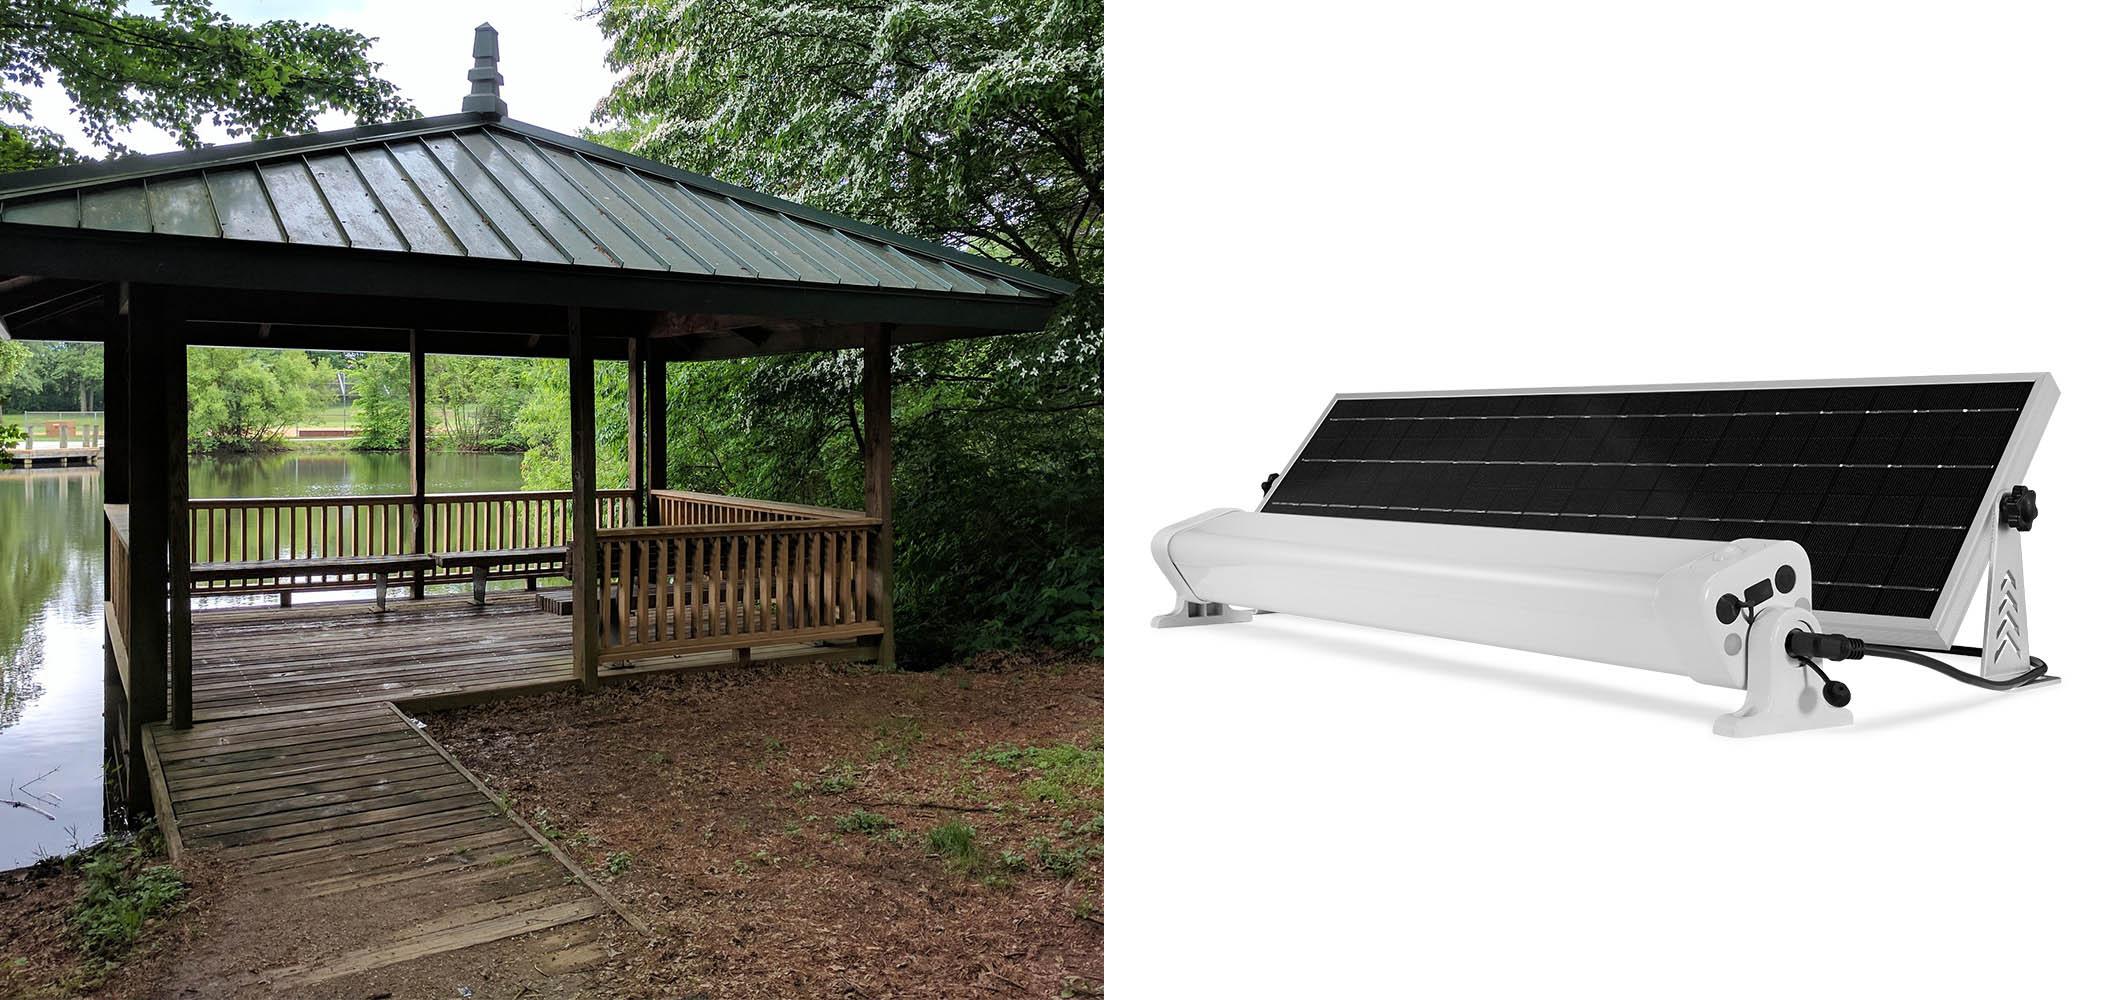 Zestaw Solarny Z Lampą 24w Led Slc 2460 Oświetlenie Garażu Wiaty